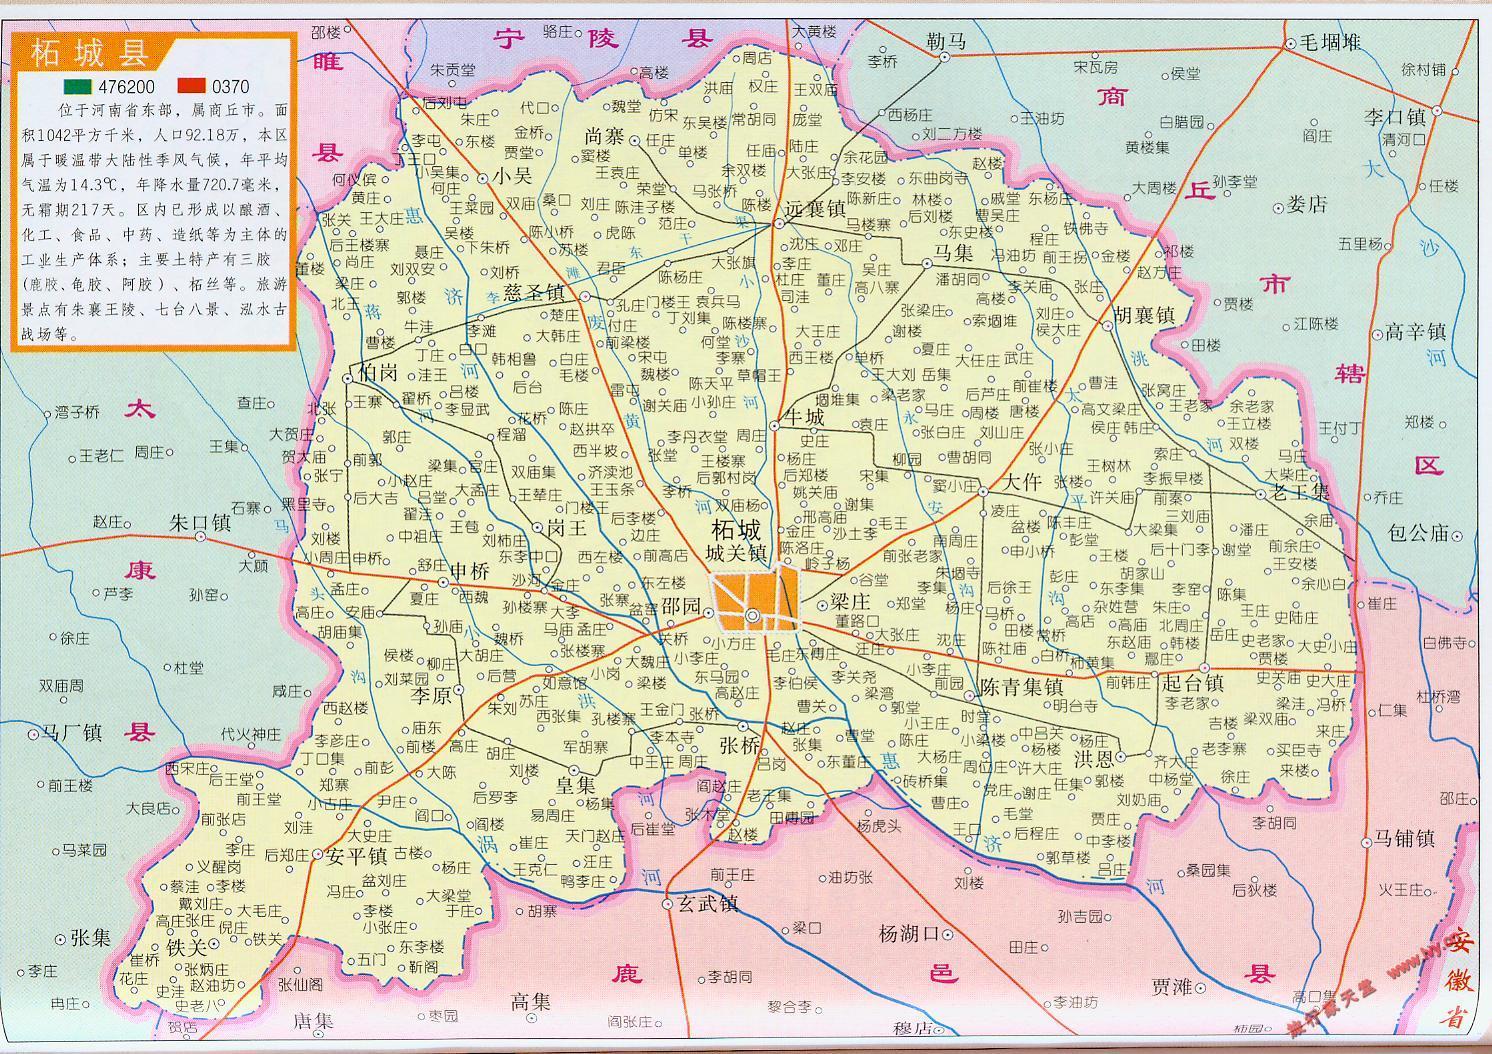 商丘地图全图高清版 商丘地图 高清 商丘 高清 商丘地图